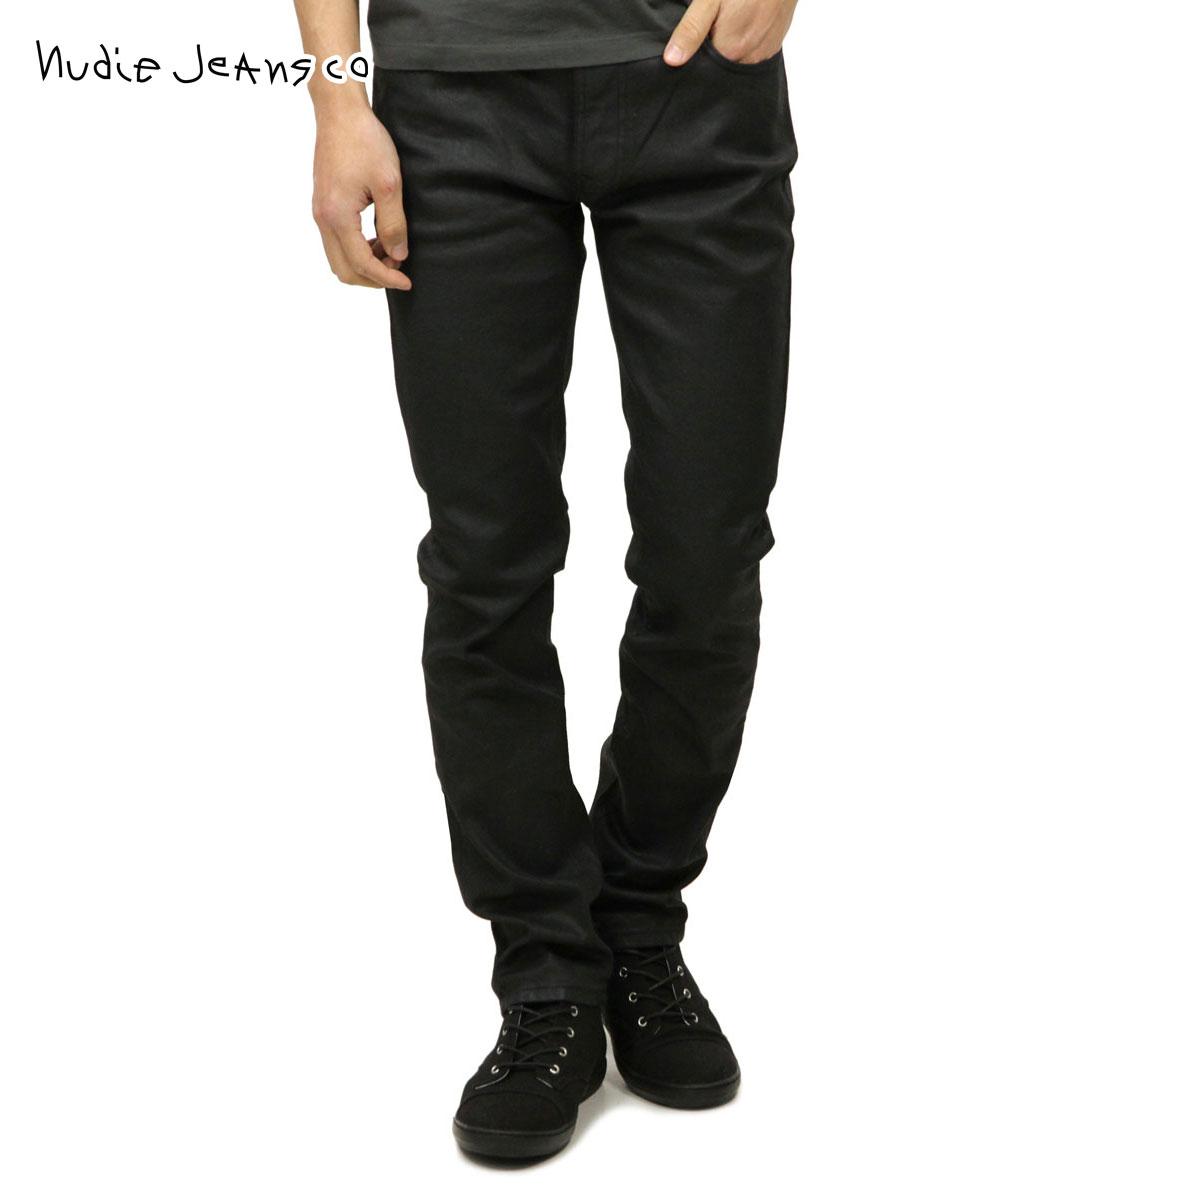 ヌーディージーンズ Nudie Jeans 正規販売店 メンズ ジーンズ ヌーディージーンズ Thin Finn 254 1115550 1067 Back 2 Black D15S25